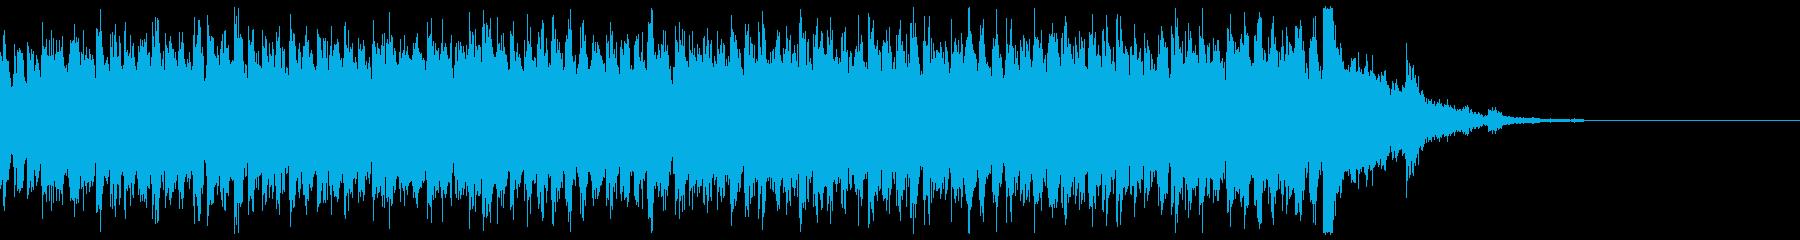 電車の発車メロディー 発着音の再生済みの波形